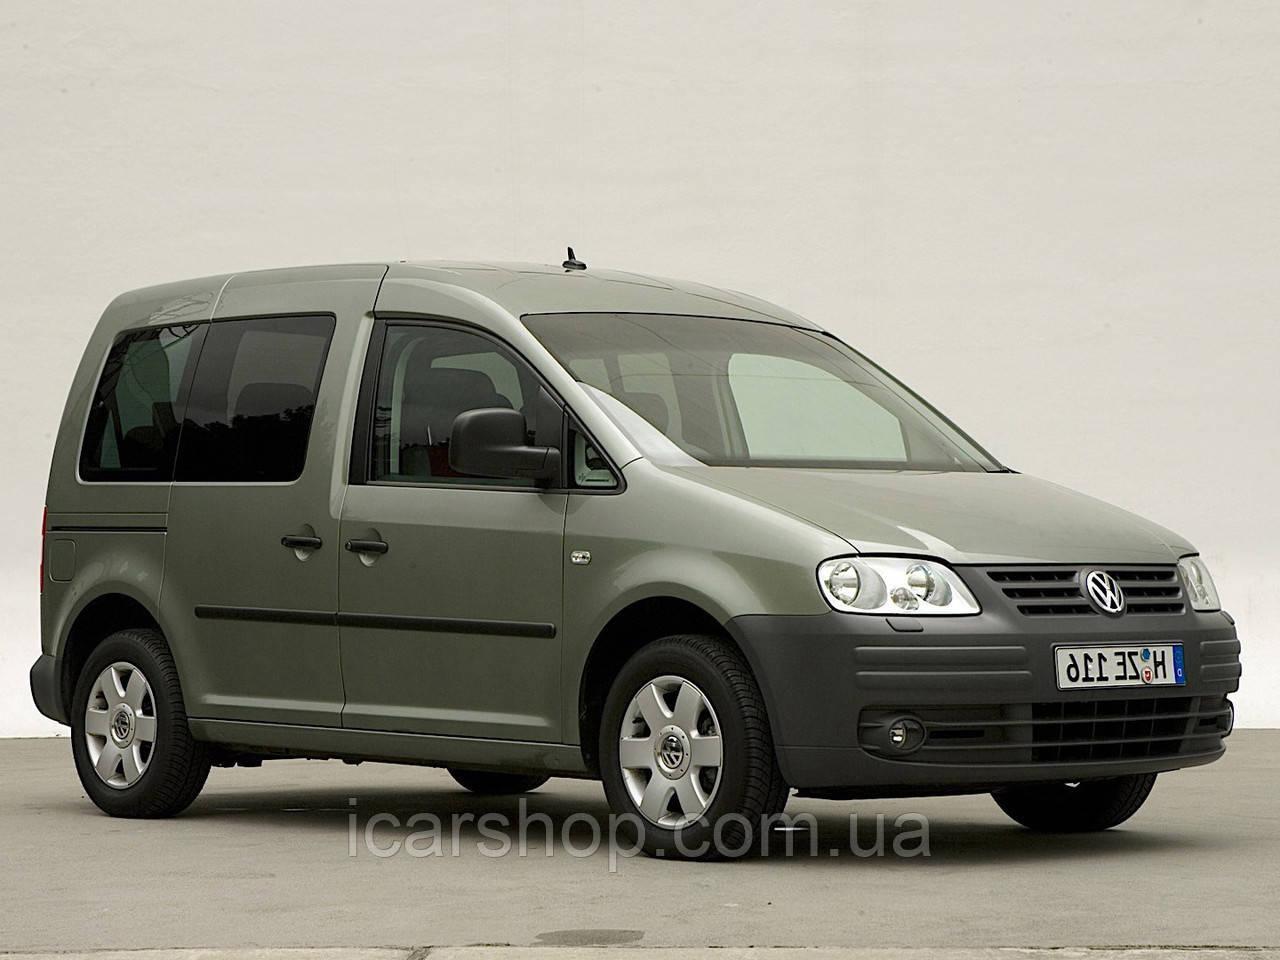 Ветровое Стекло VW. Caddy III 04- Benson